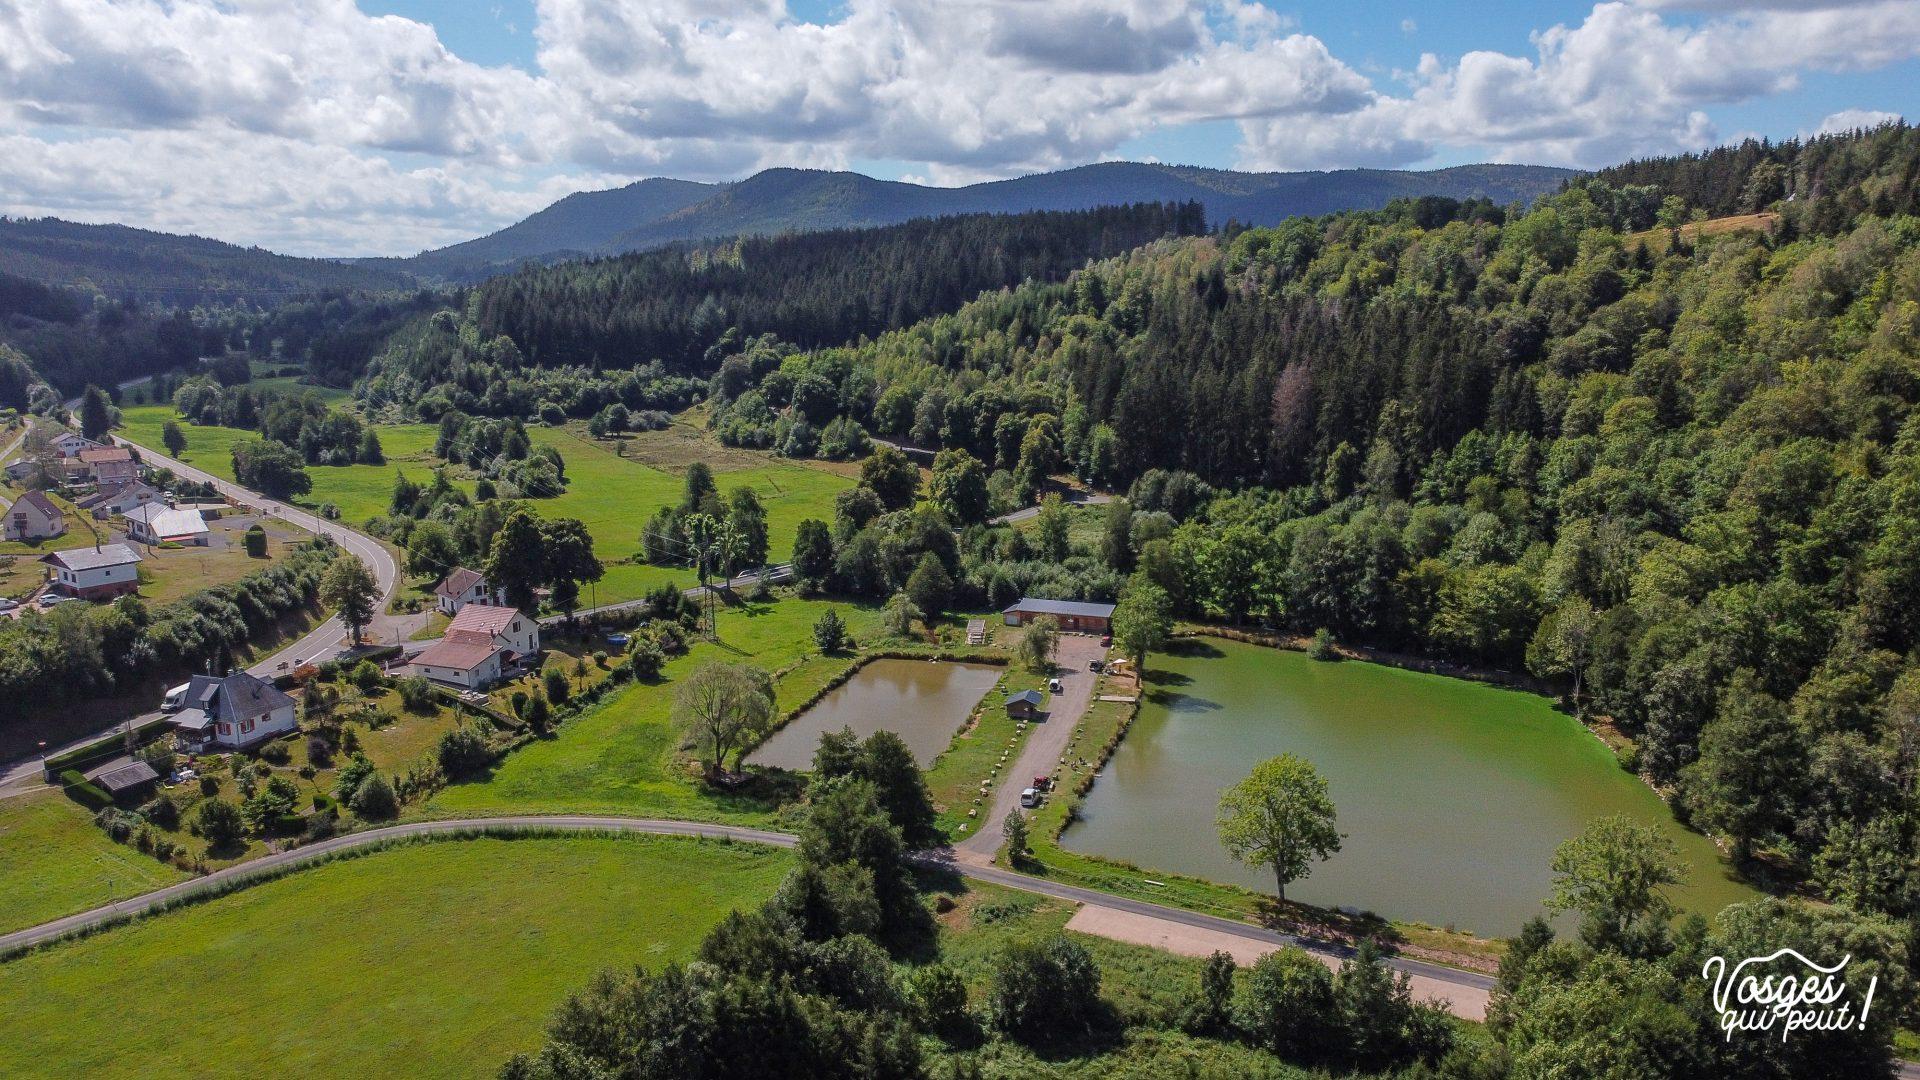 Vue aérienne de l'étang de la Breux dans la vallée de la Bruche